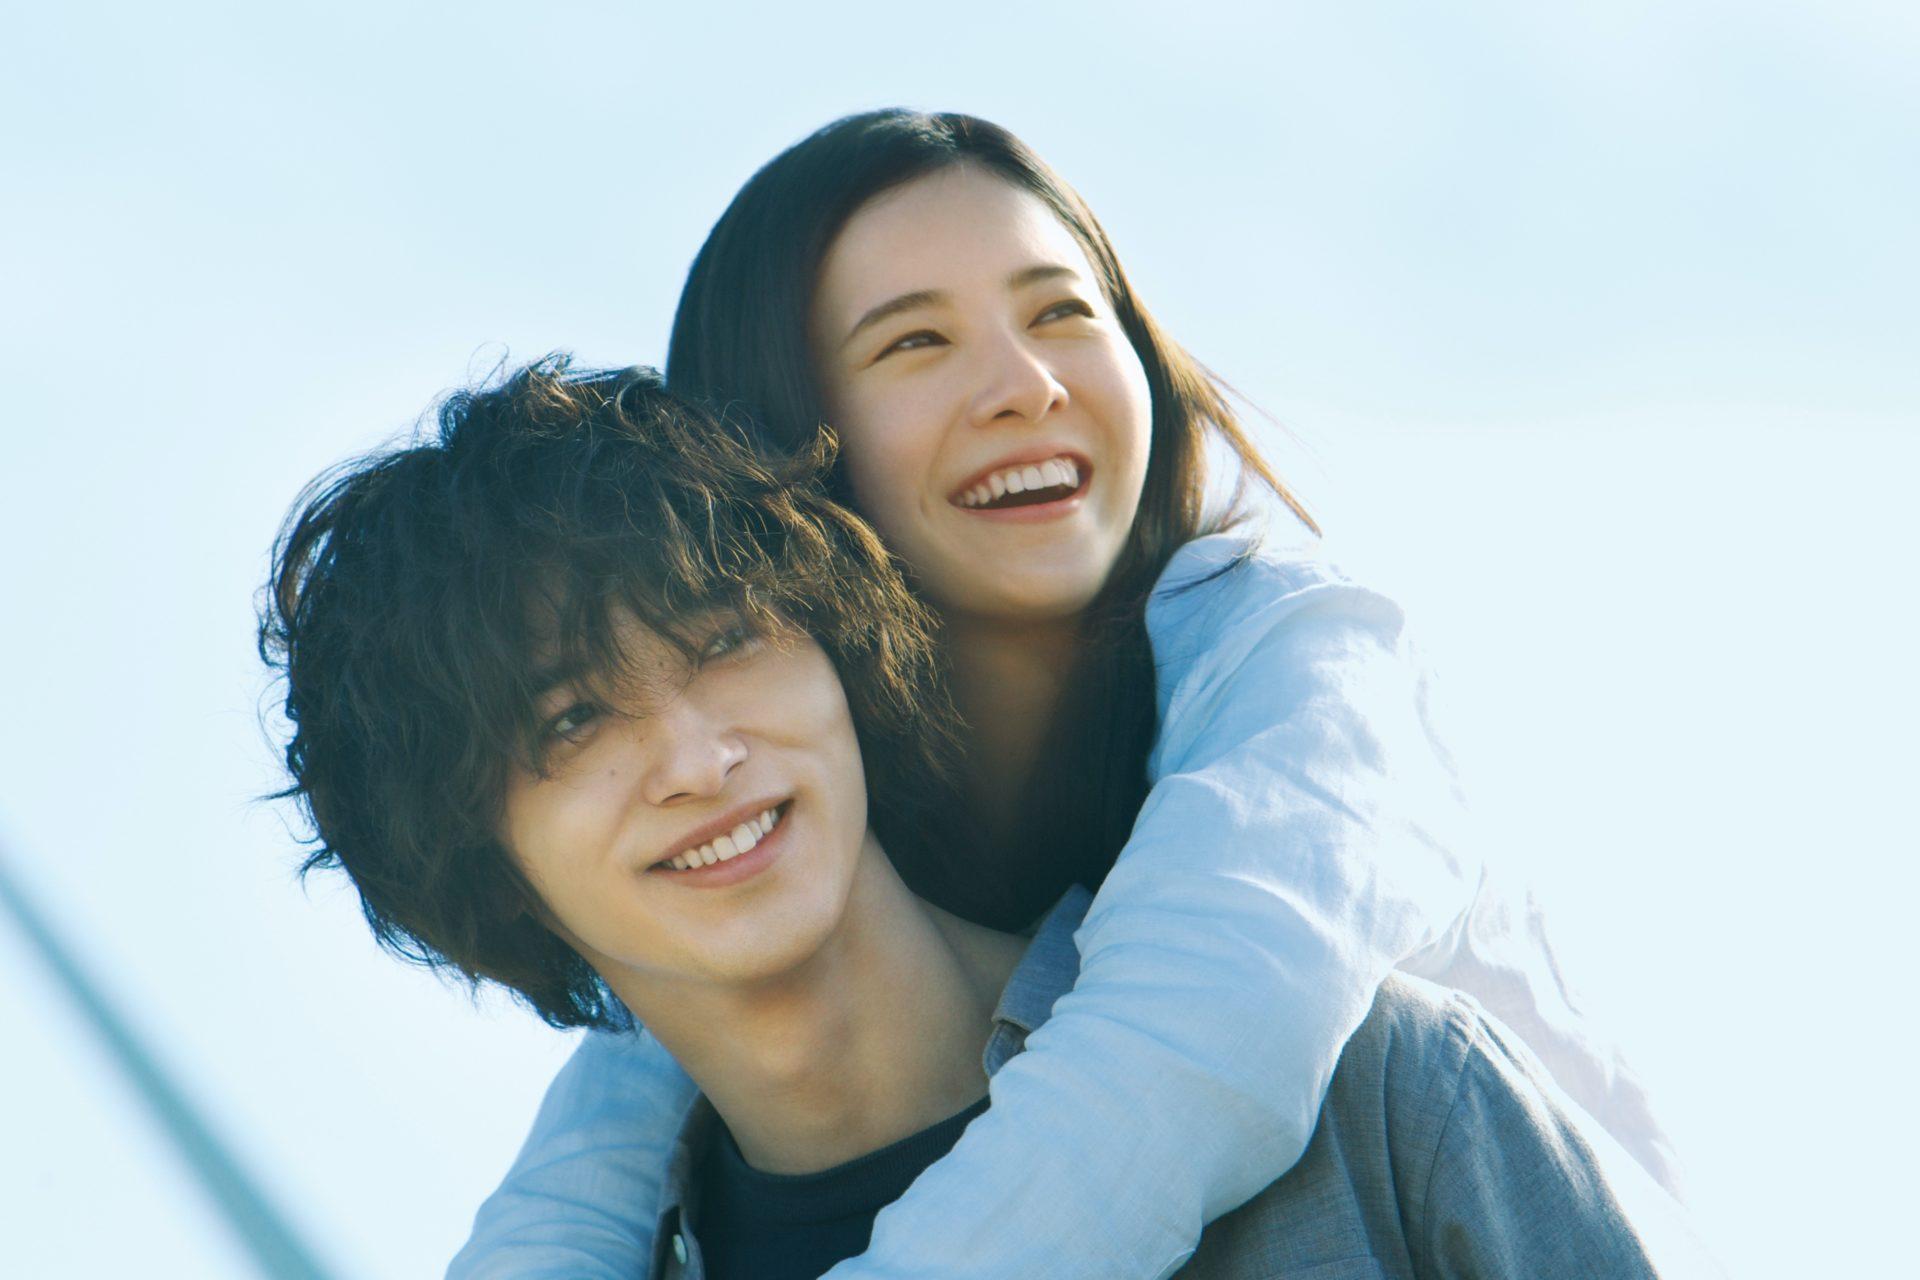 吉高由里子與橫濱流星《想見你的愛》「看不見」姐弟戀吉高:要克服心理障礙